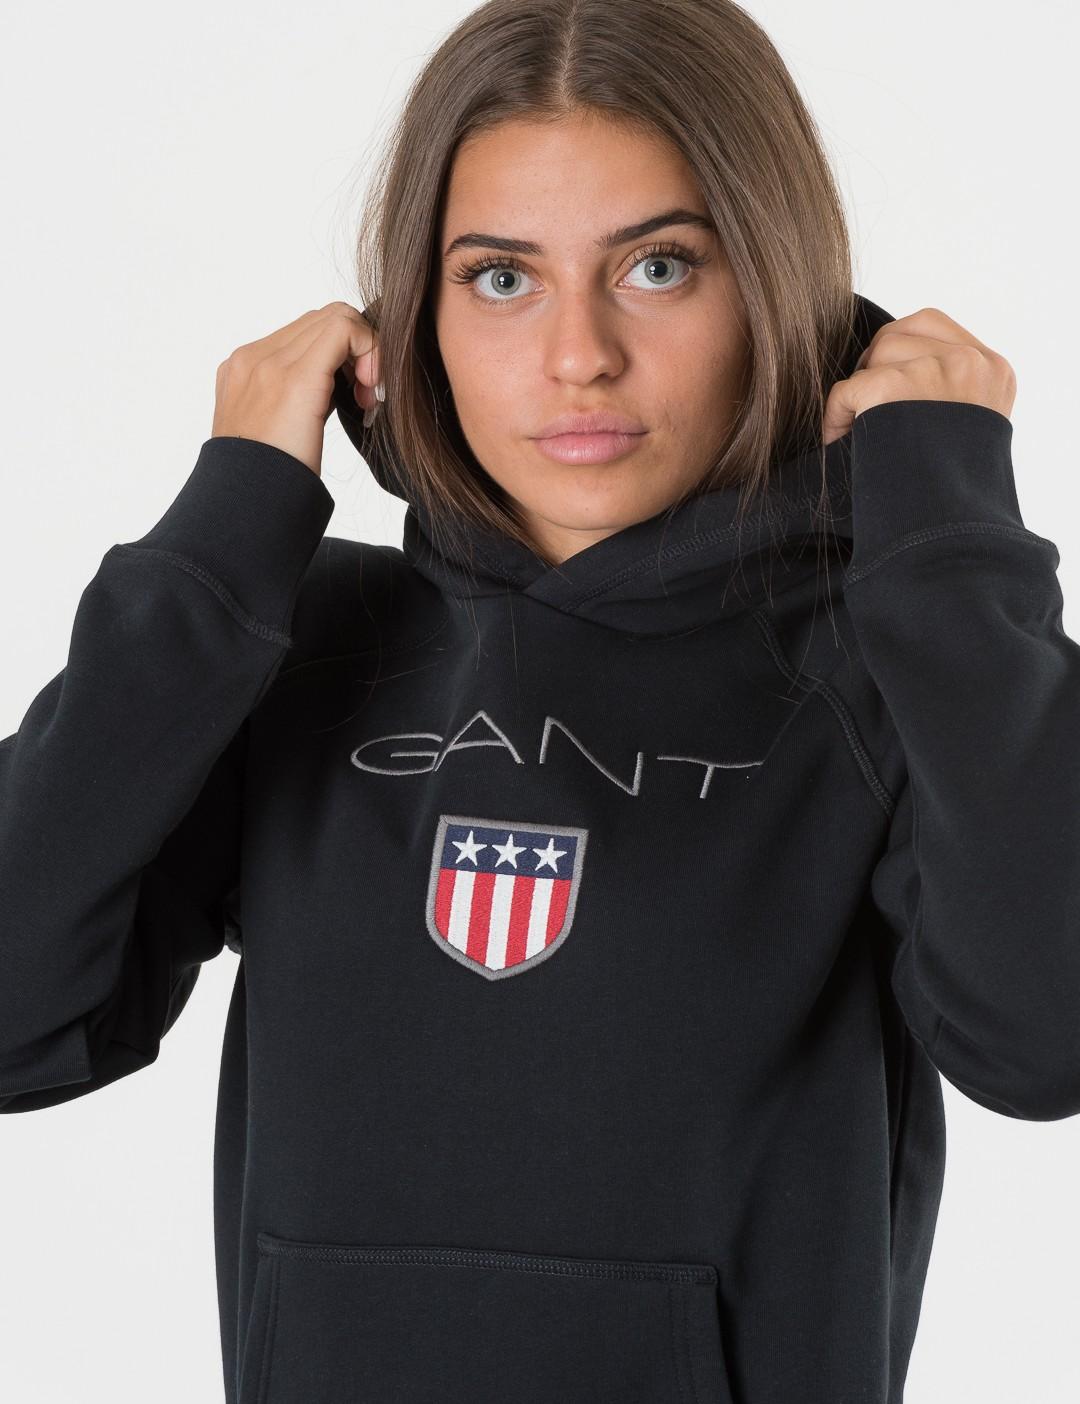 73a01d62fe5a Om Gant Shield Logo Sweat Hoodie - Svart från Gant   KidsBrandStore